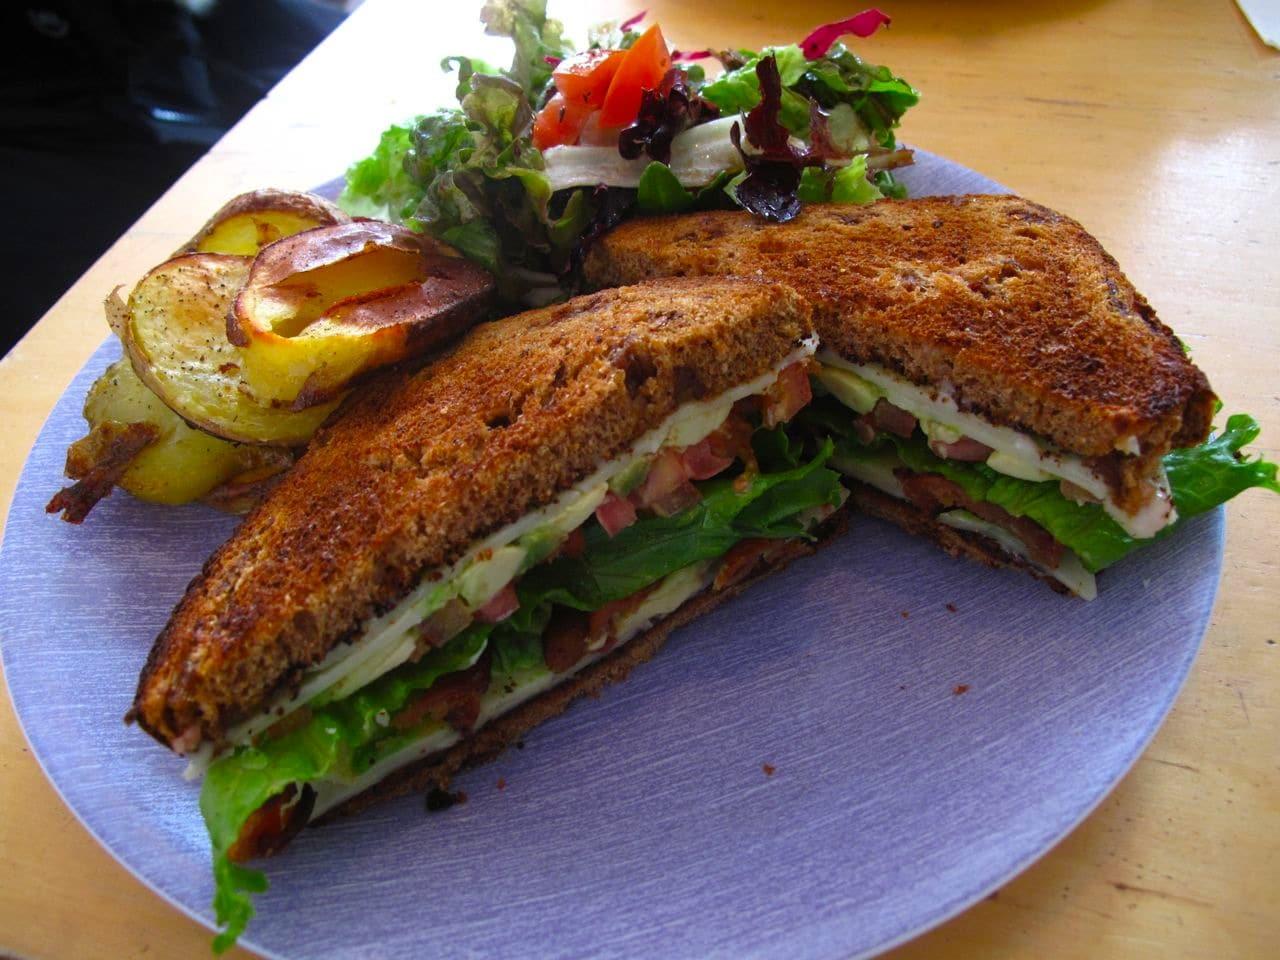 A hearty breakfast sandwich.